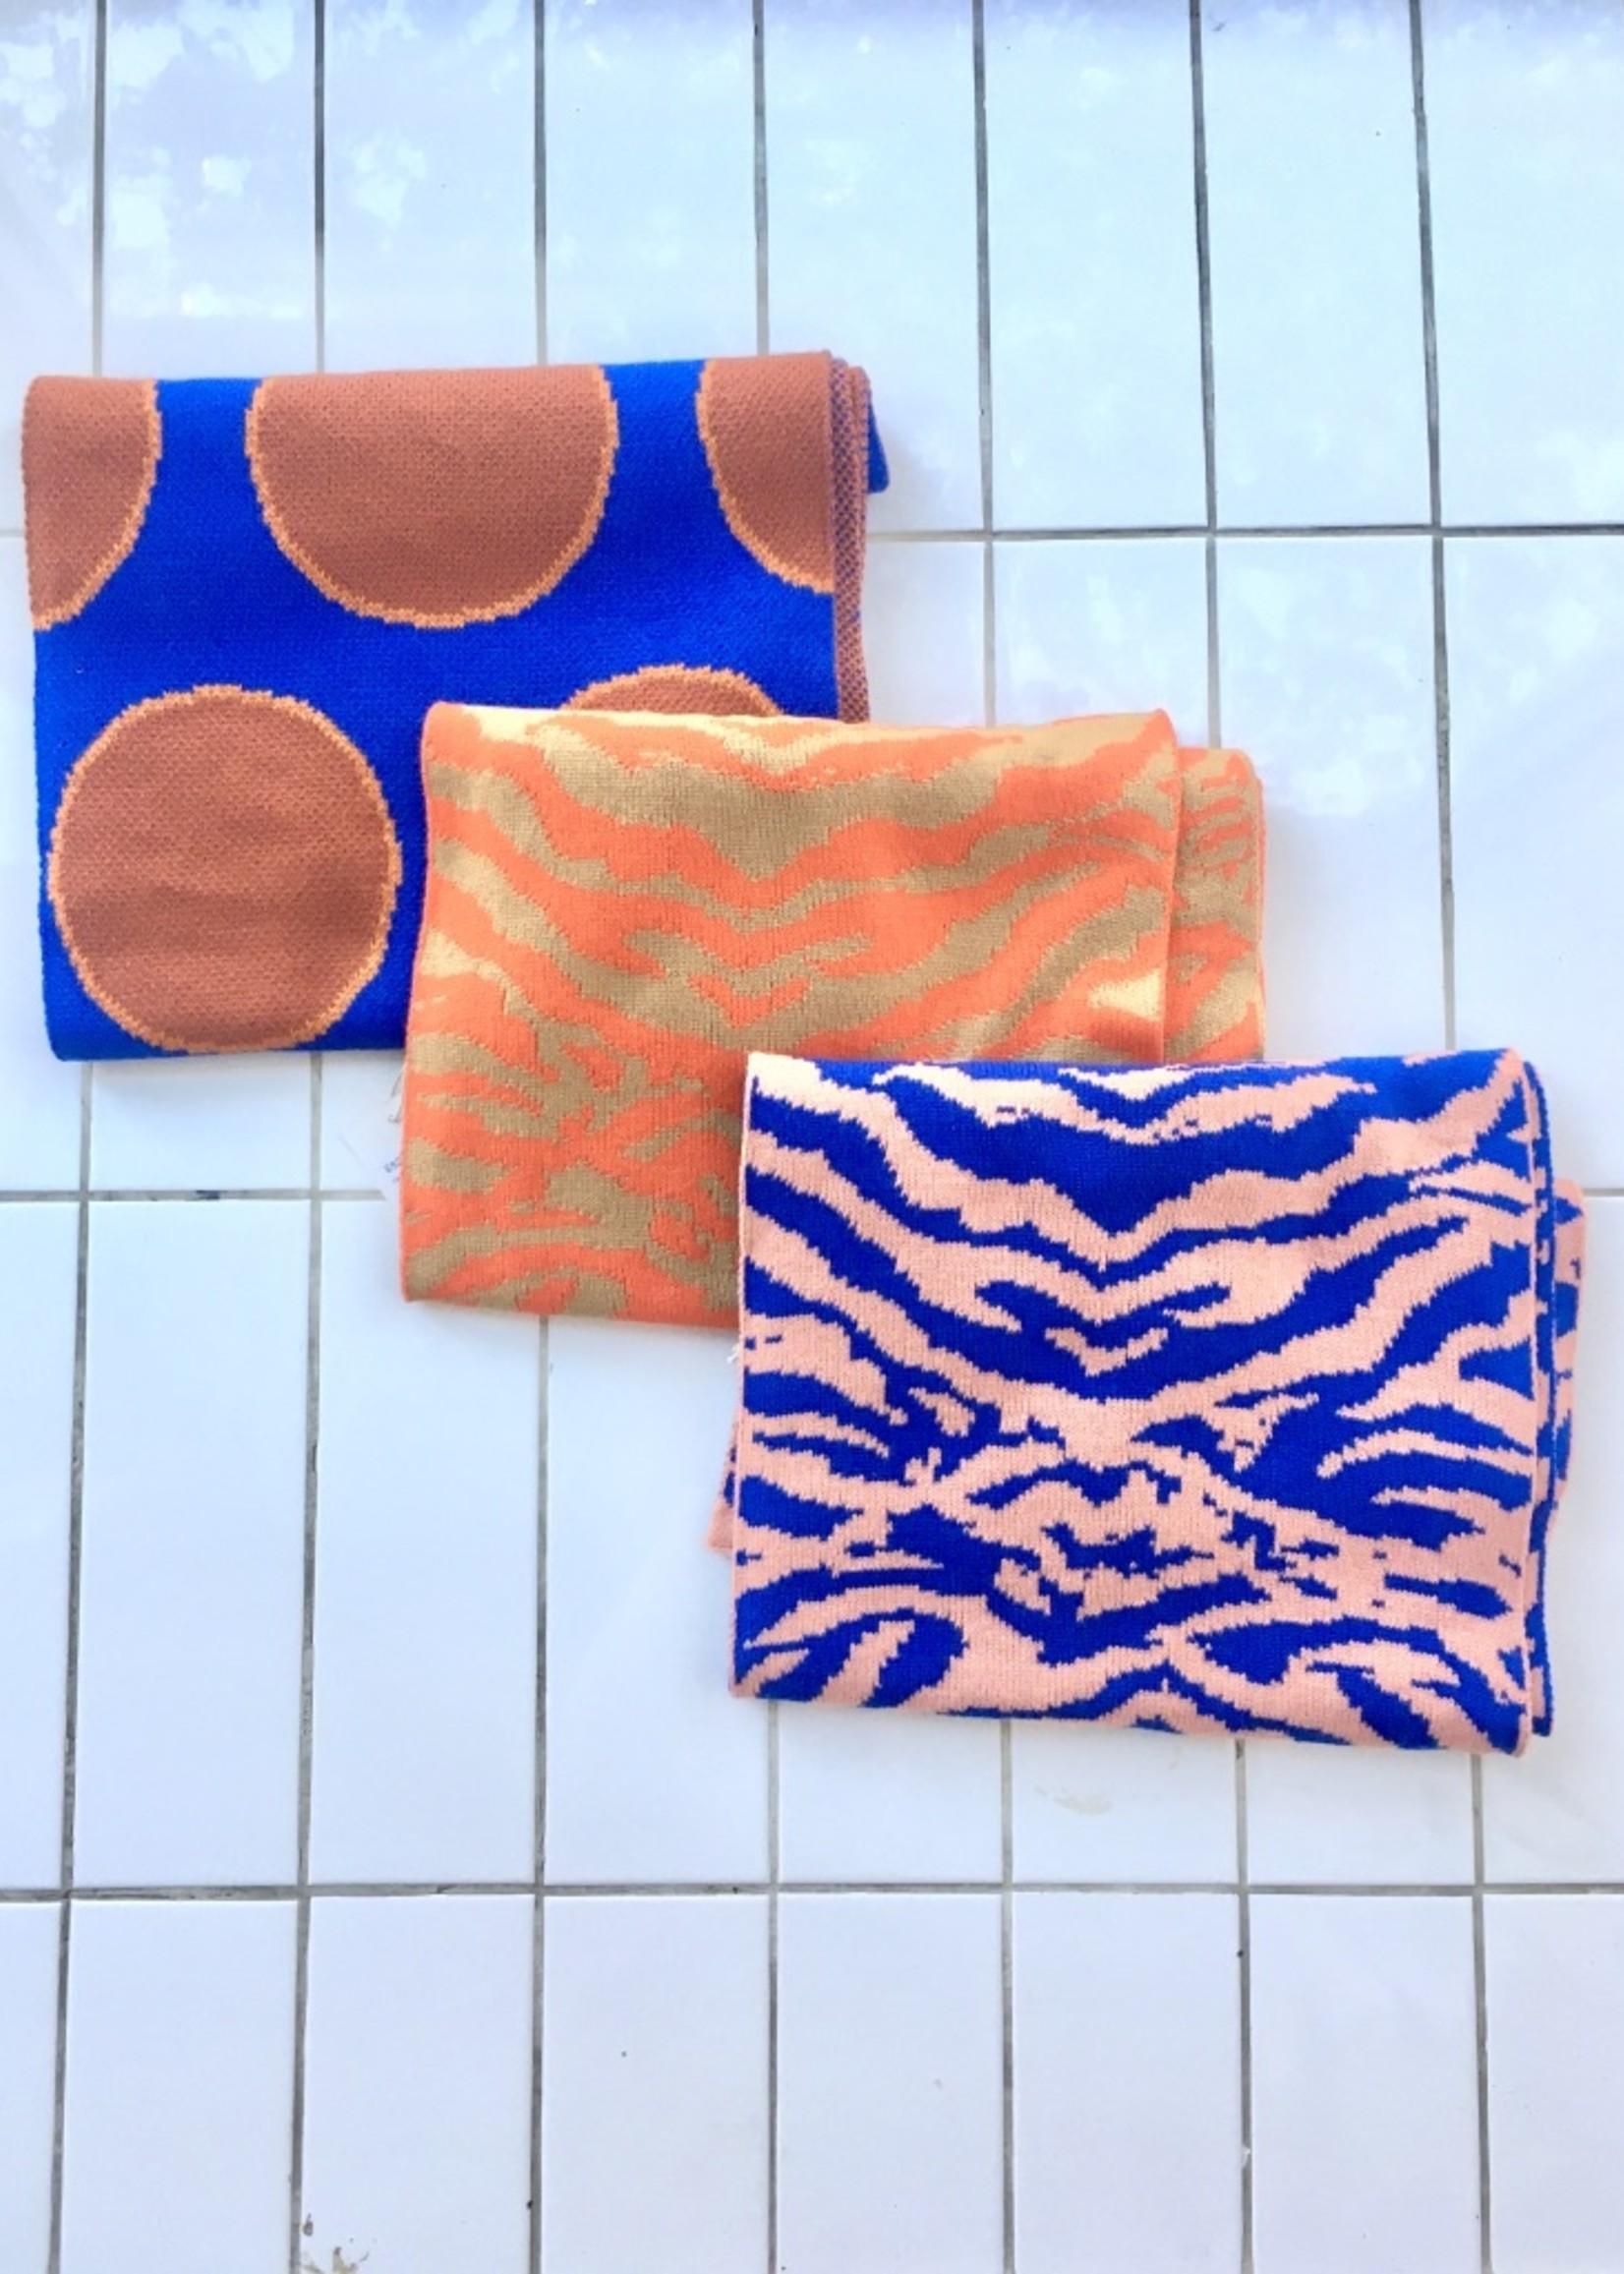 Verloop Patterned scarf